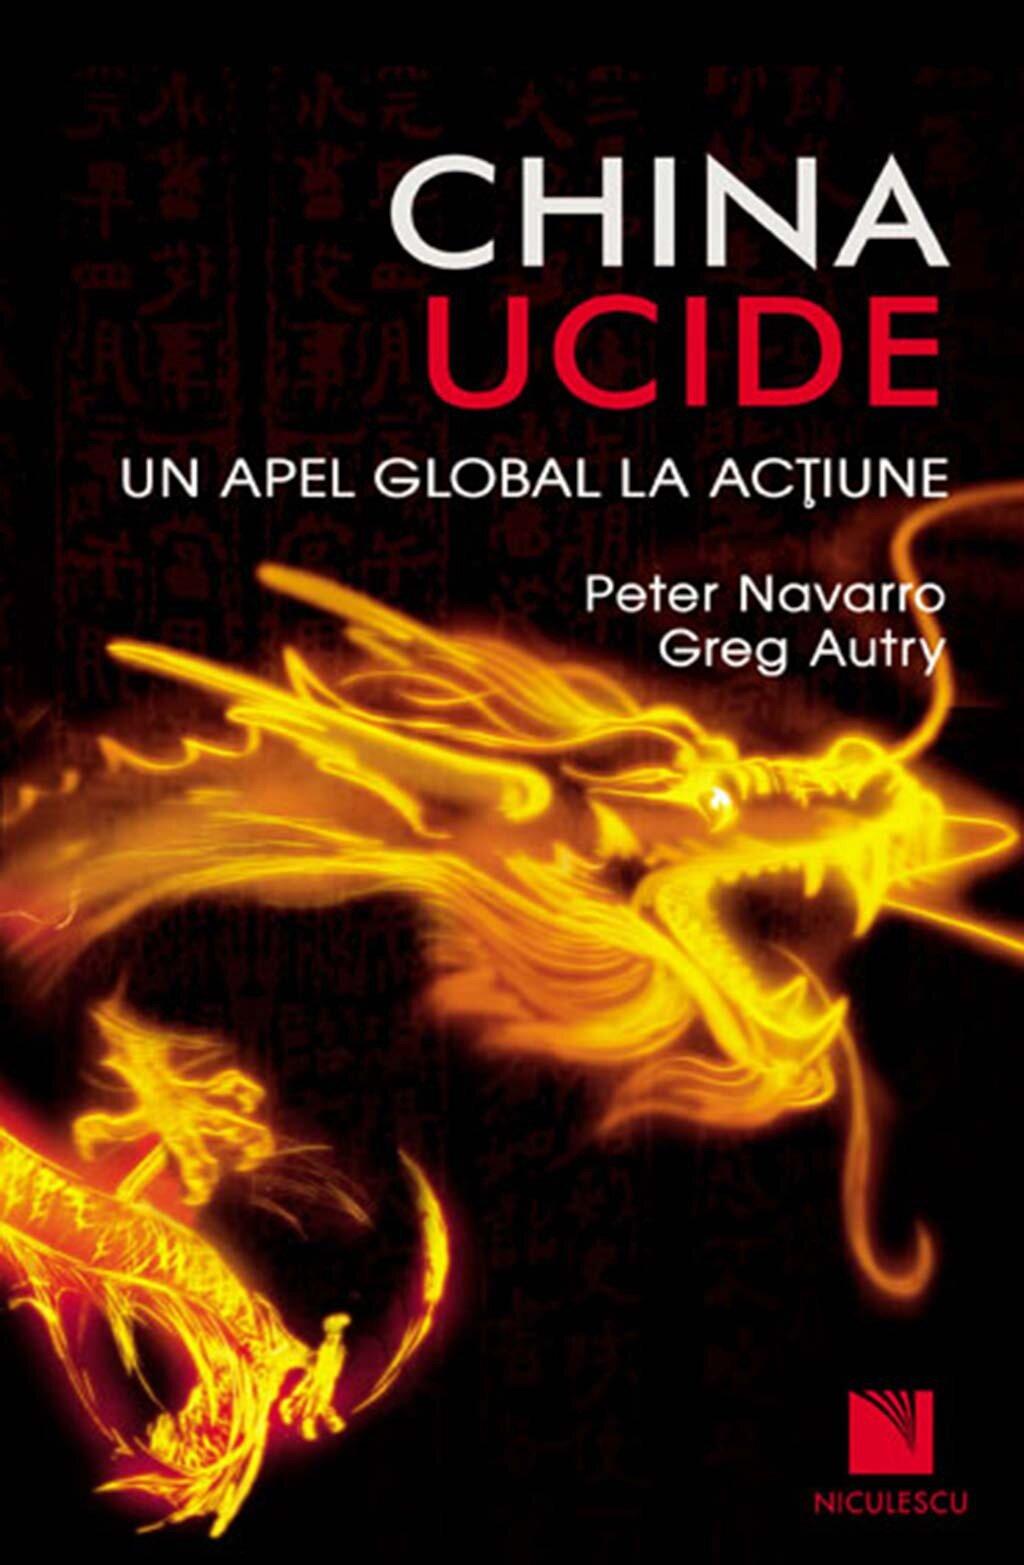 China ucide. Un apel global la actiune (eBook)